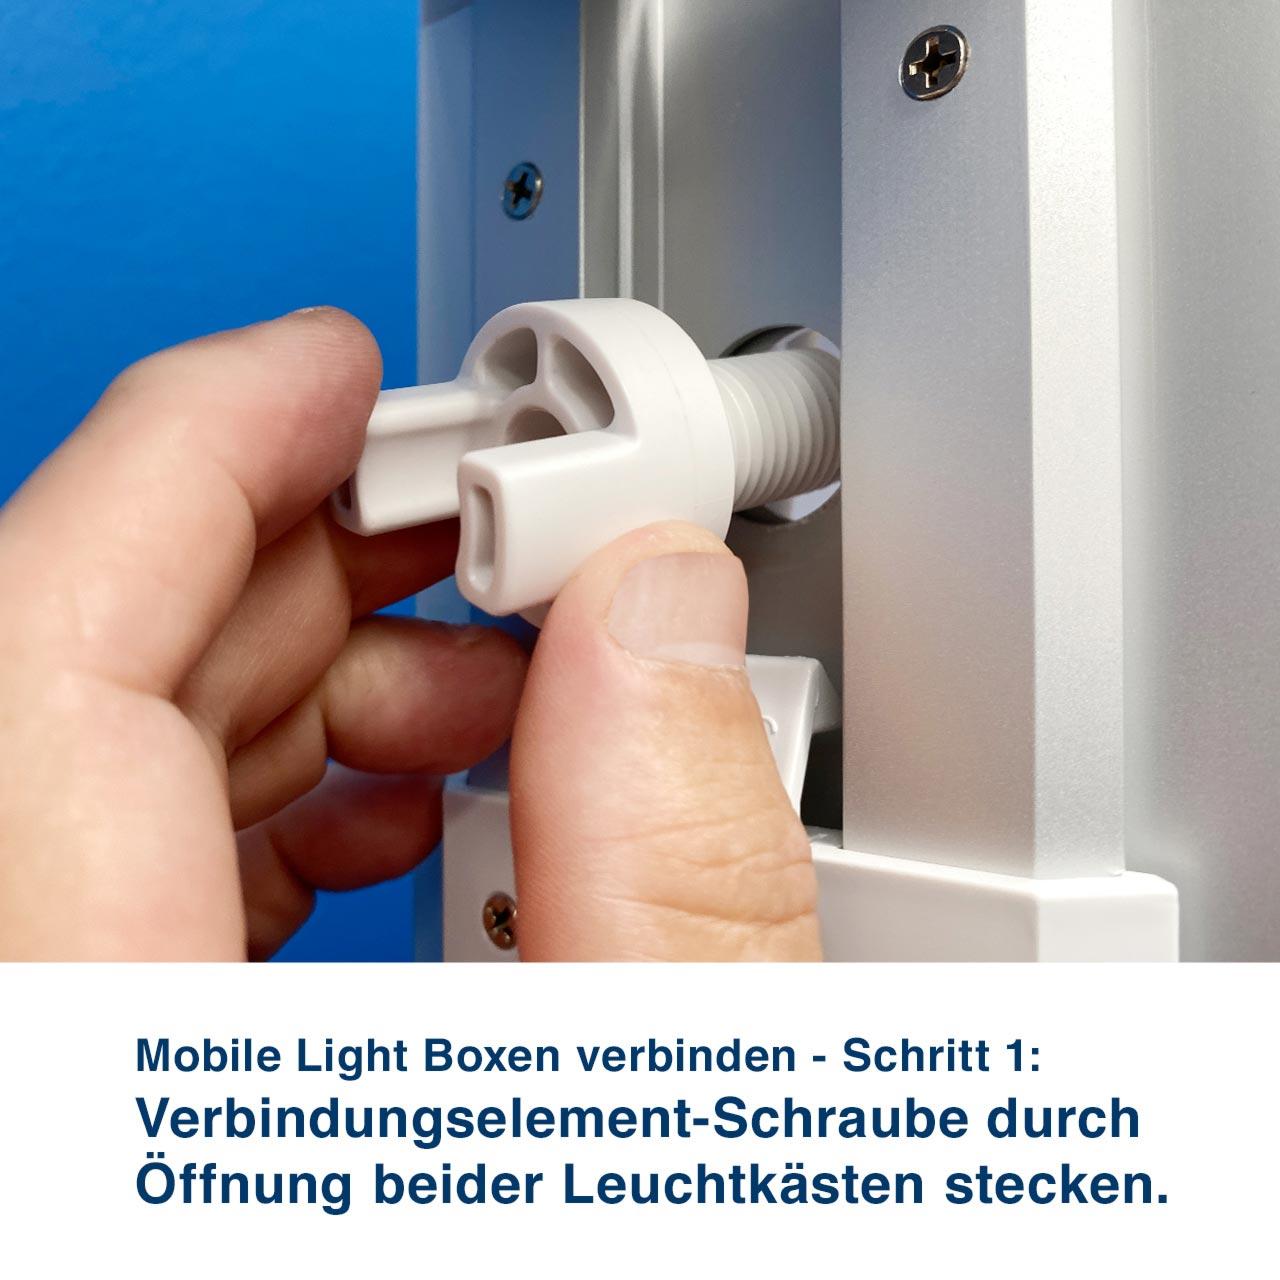 Mobile Light Boxen verbinden - Schritt 1:  Verbindungselement-Schraube durch  Öffnung beider Leuchtkästen stecken.